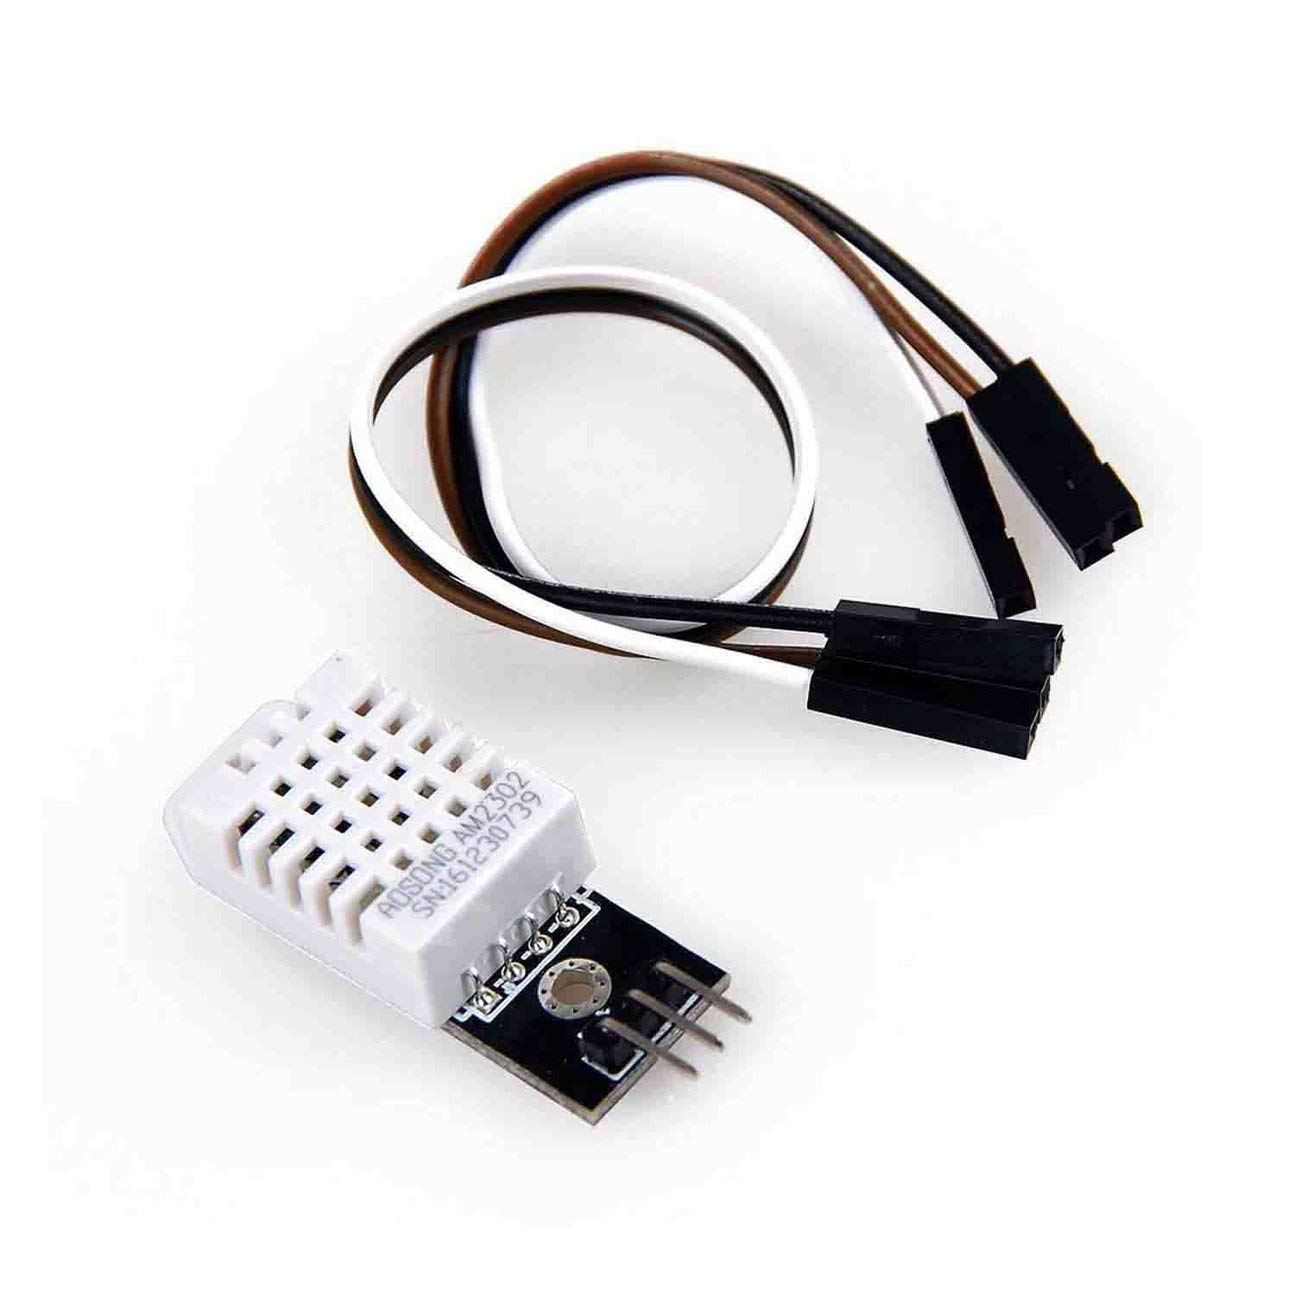 Farbe: bunt MachinYeseed DHT22 und Feuchtigkeitssensormodul ersetzen SHT11SHT15 Ausgezeichnete Langzeitstabilit/ät AM2302 Digitales Temperatur